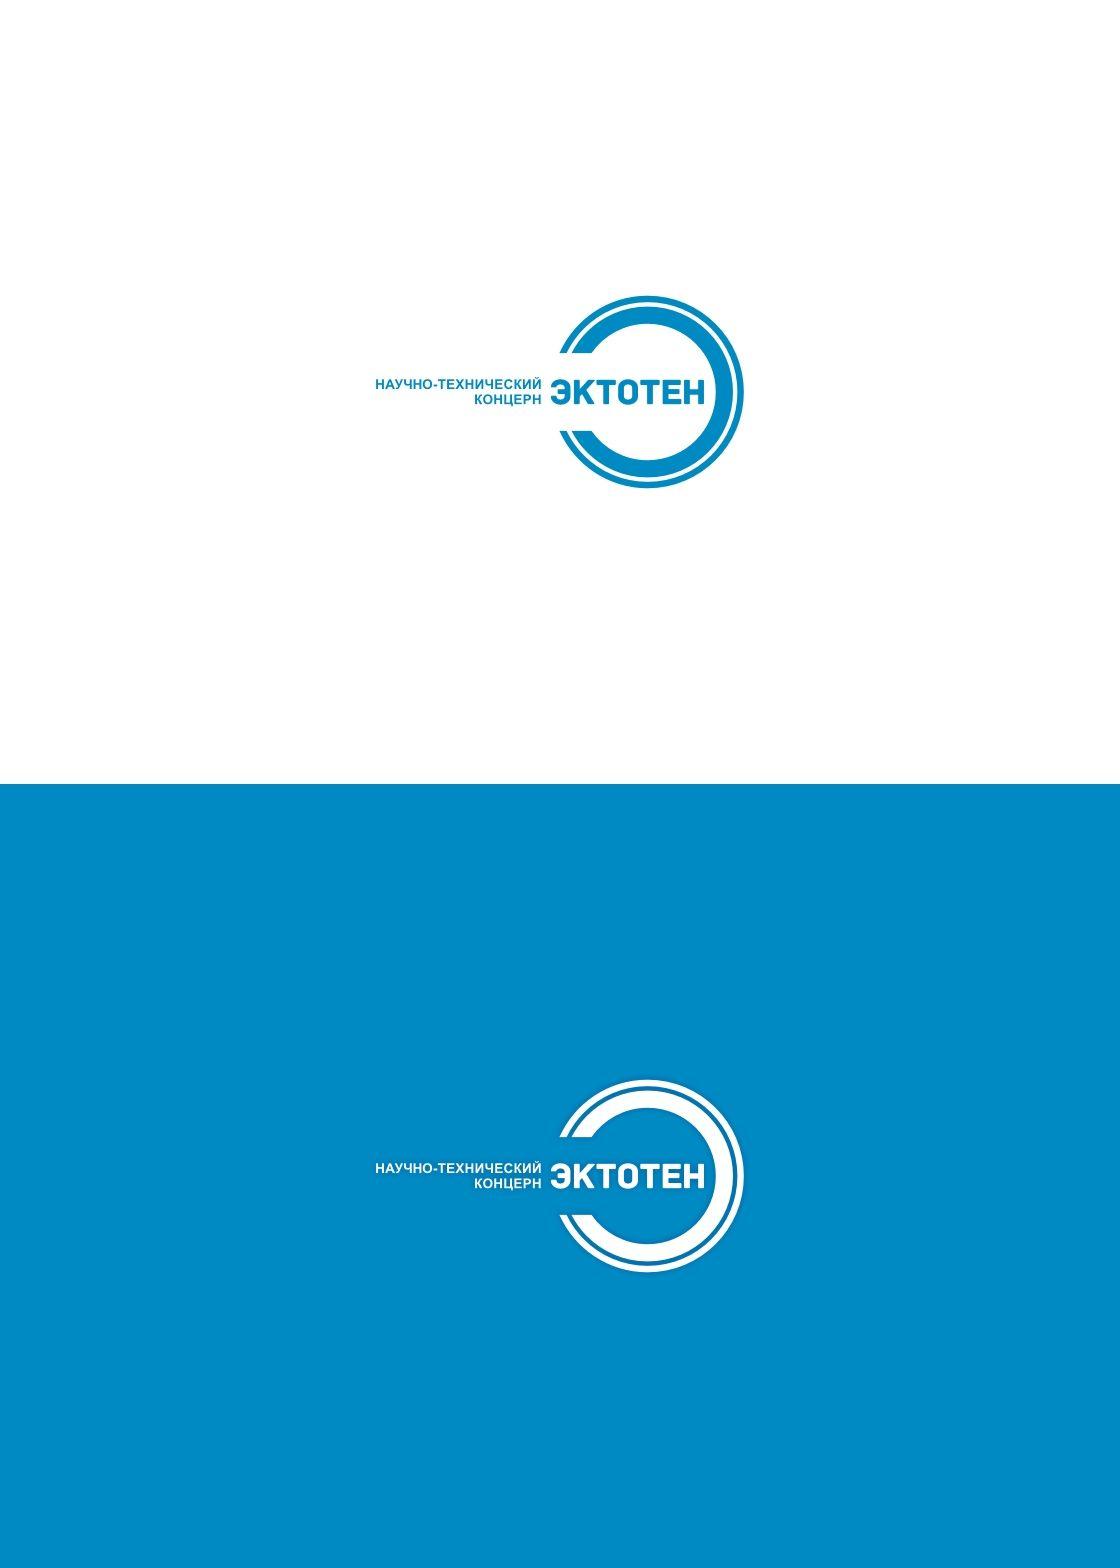 Логотип для научно - технического концерна - дизайнер 4shark